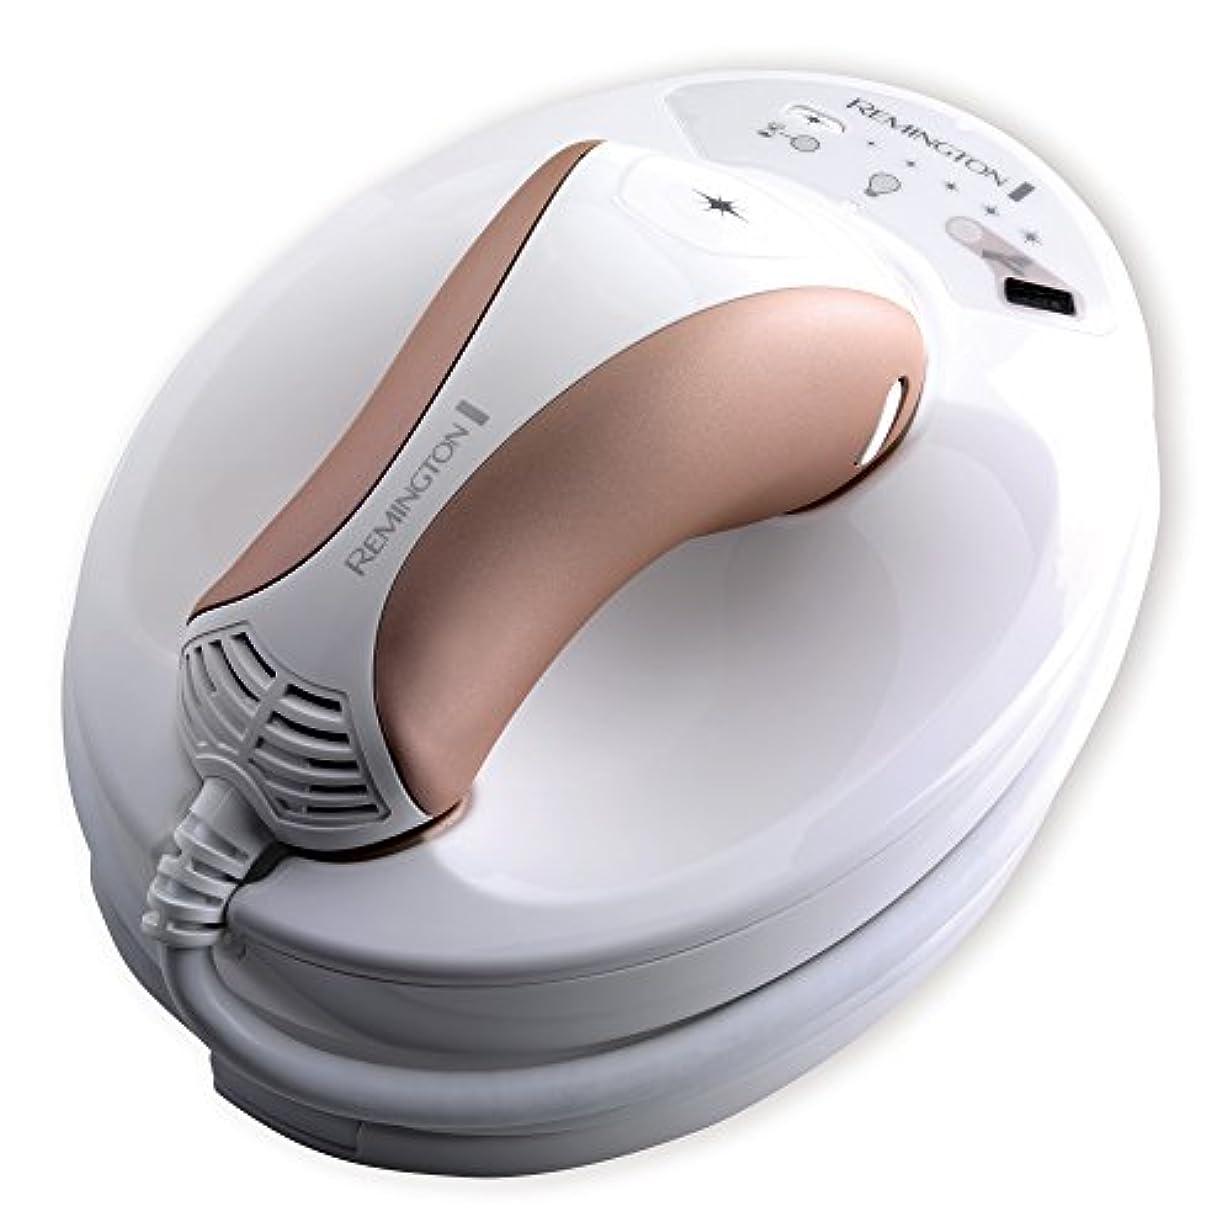 略す手配するメンタリティ家庭用フラッシュ式脱毛機「I-LIGHT Pro」 男女兼用【並行輸入品】